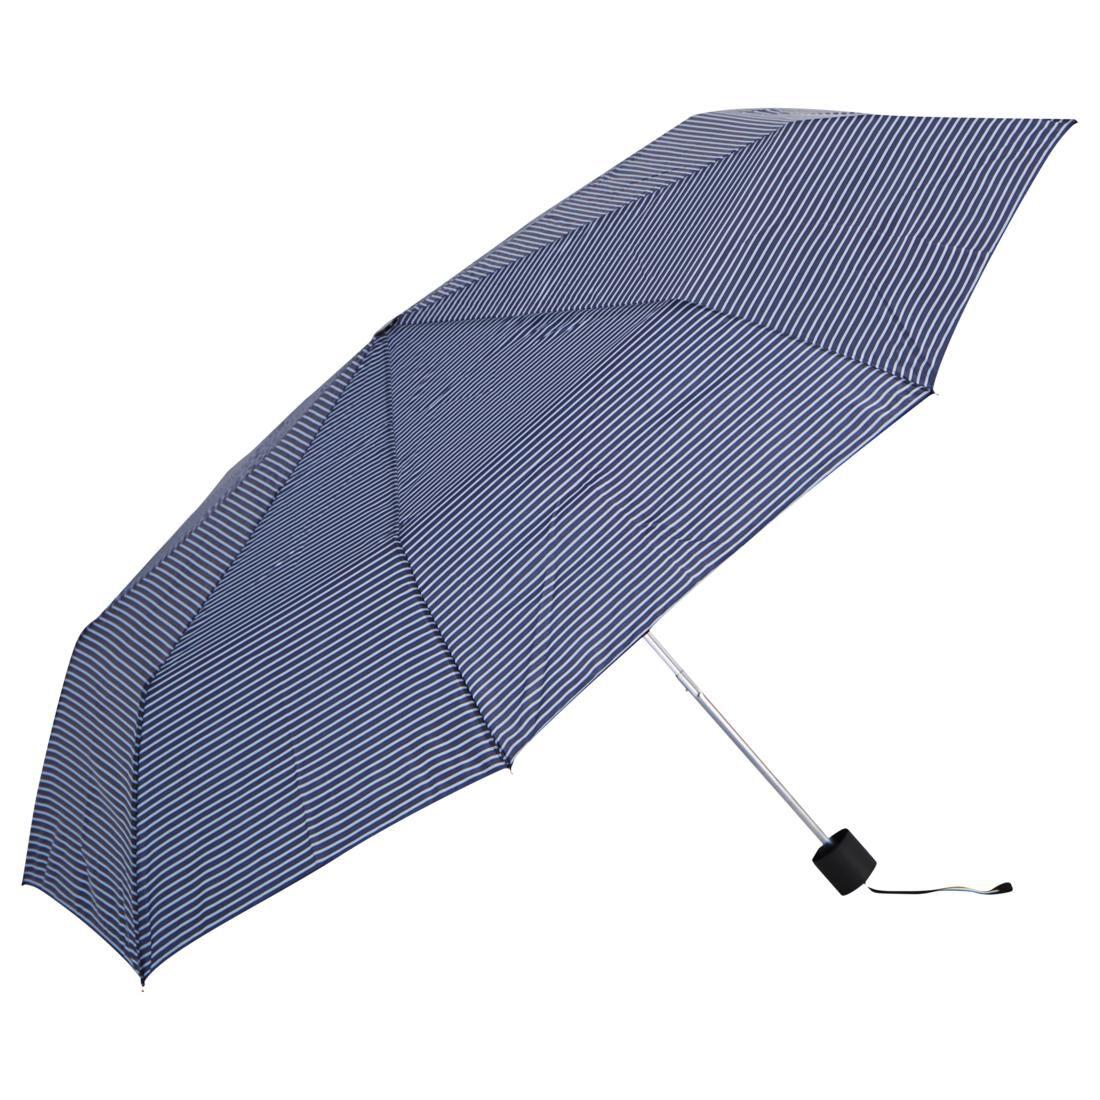 HEMA Paraplu (donkerblauw)